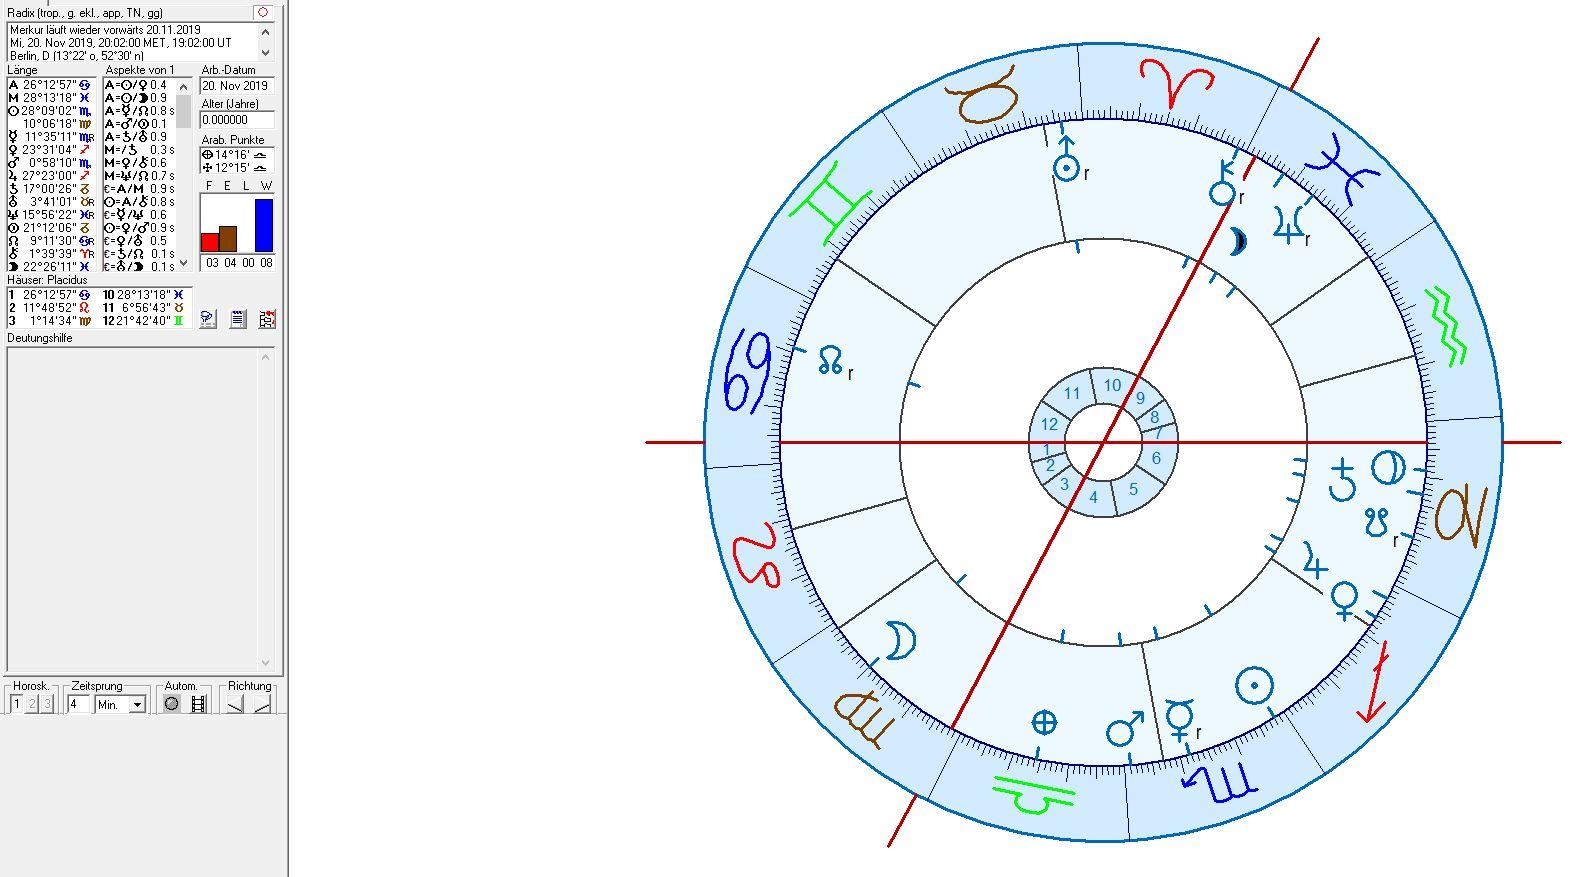 Astrologie, astrogeographie und erdbeben